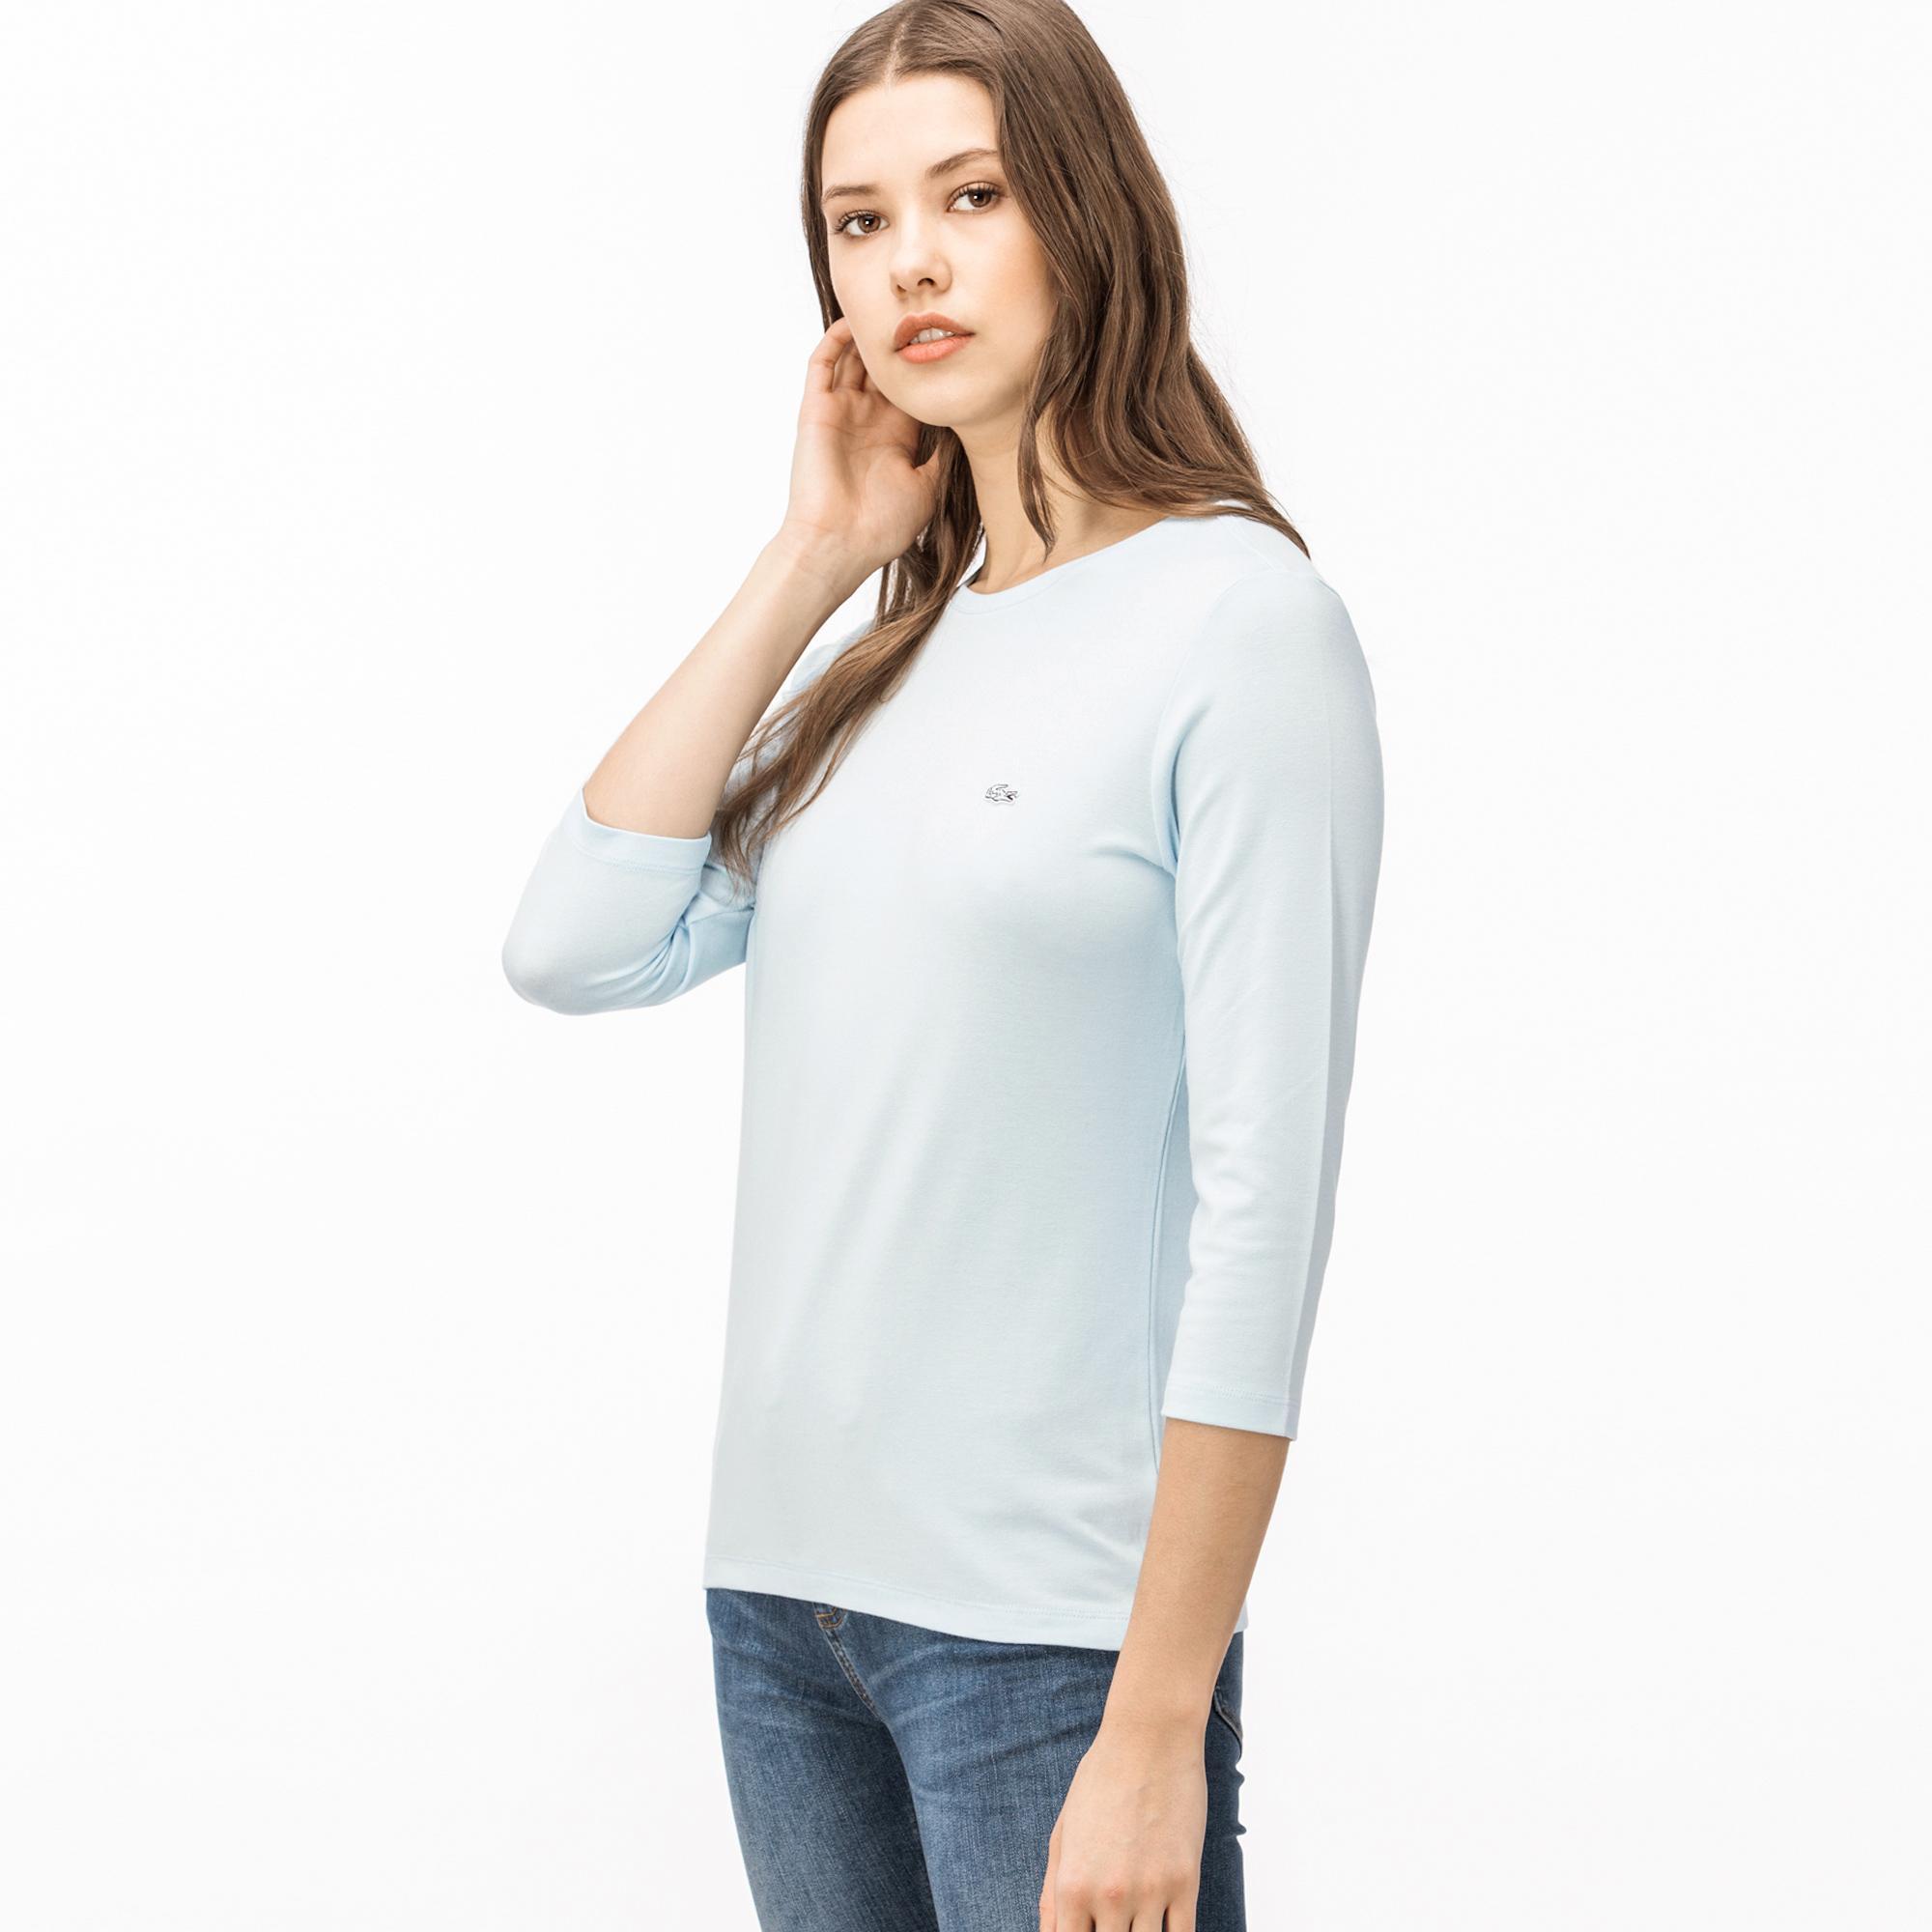 Lacoste Kadın Uzun Kollu Açık Mavi T-Shirt